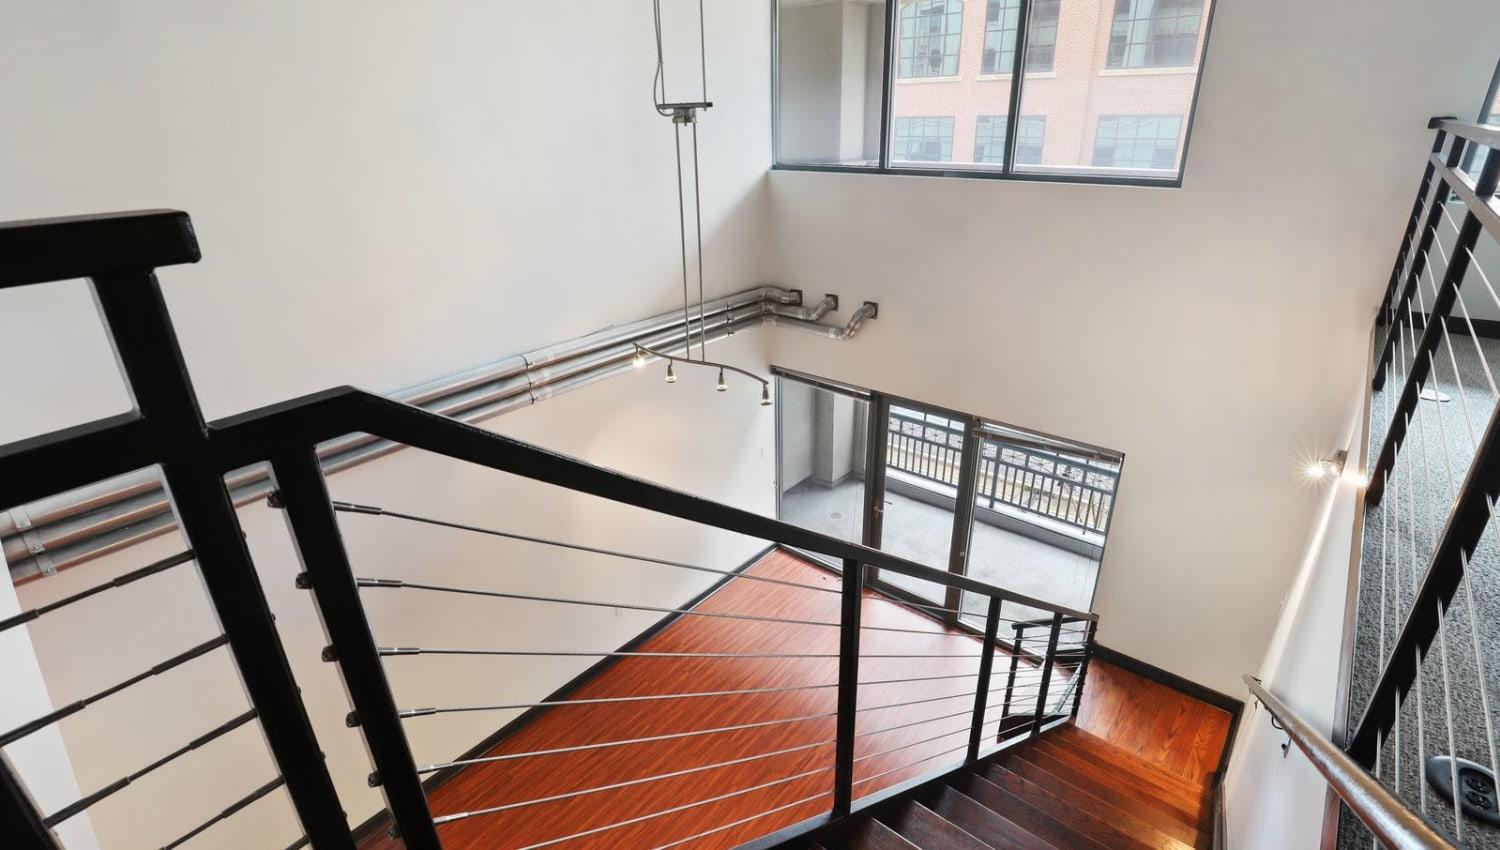 Stunning open loft-style floor plans at 17th Street Lofts in Atlanta, Georgia